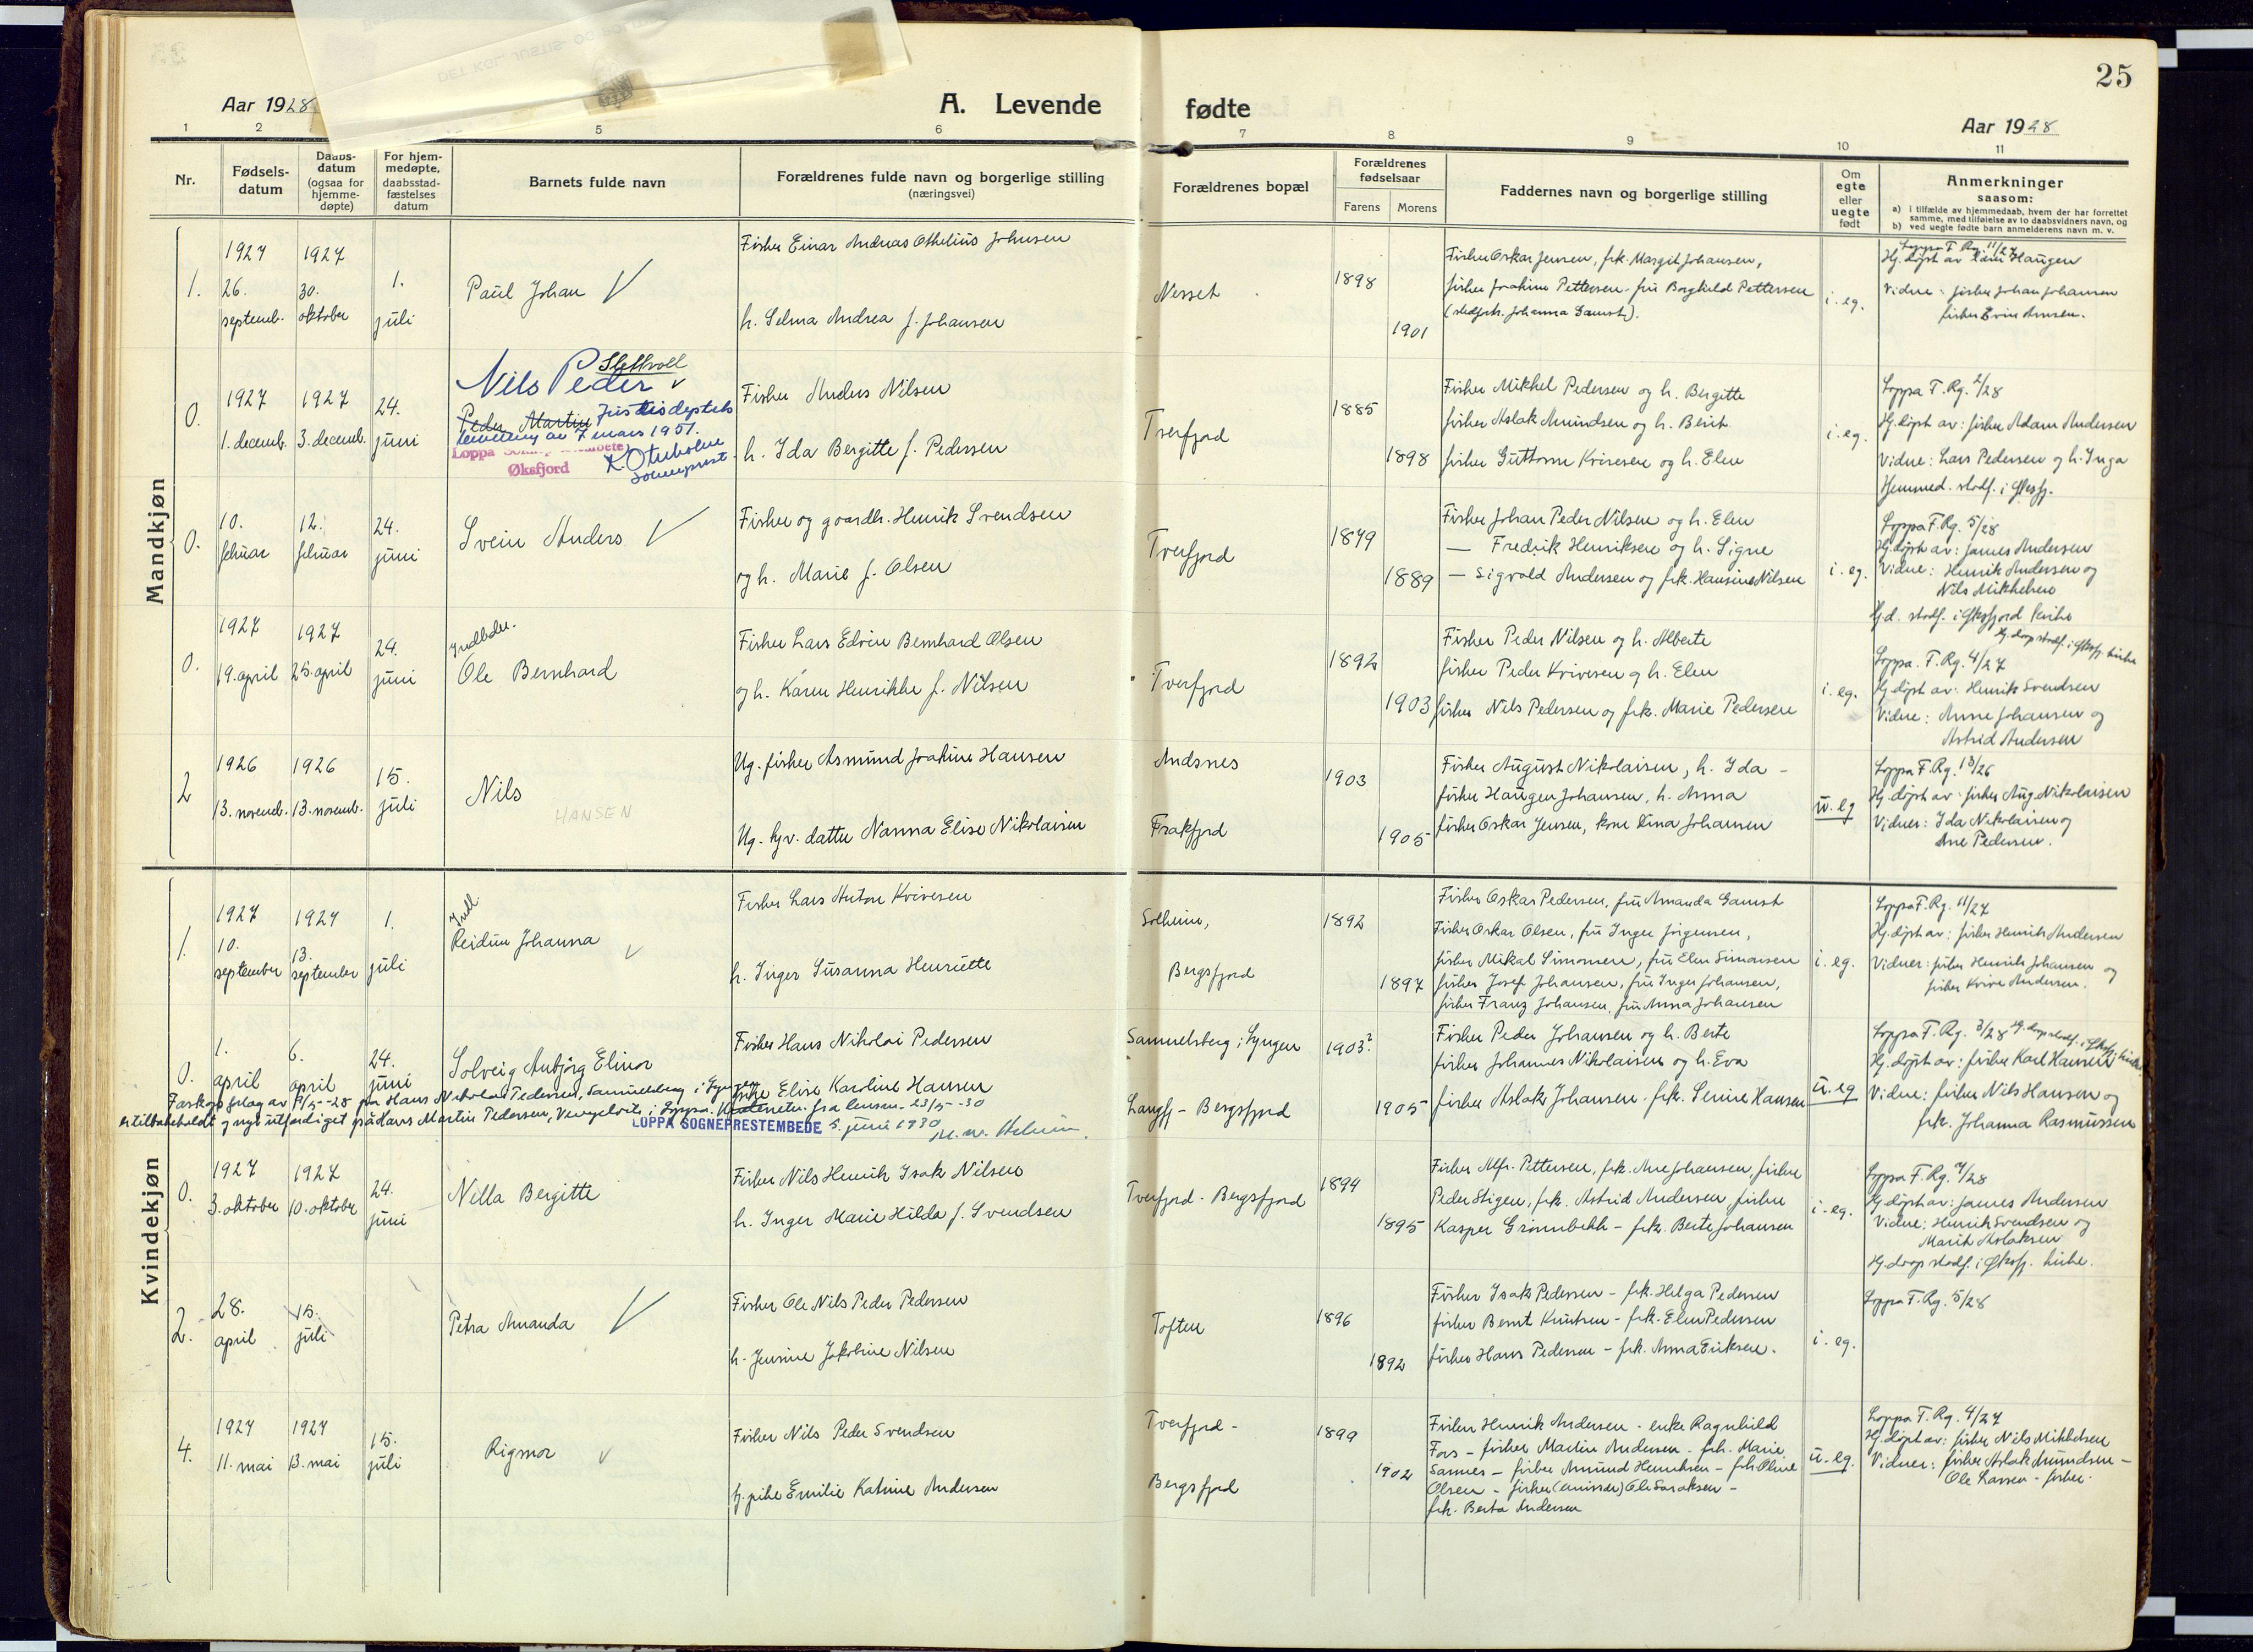 SATØ, Loppa sokneprestkontor, H/Ha/L0013kirke: Ministerialbok nr. 13, 1920-1932, s. 25